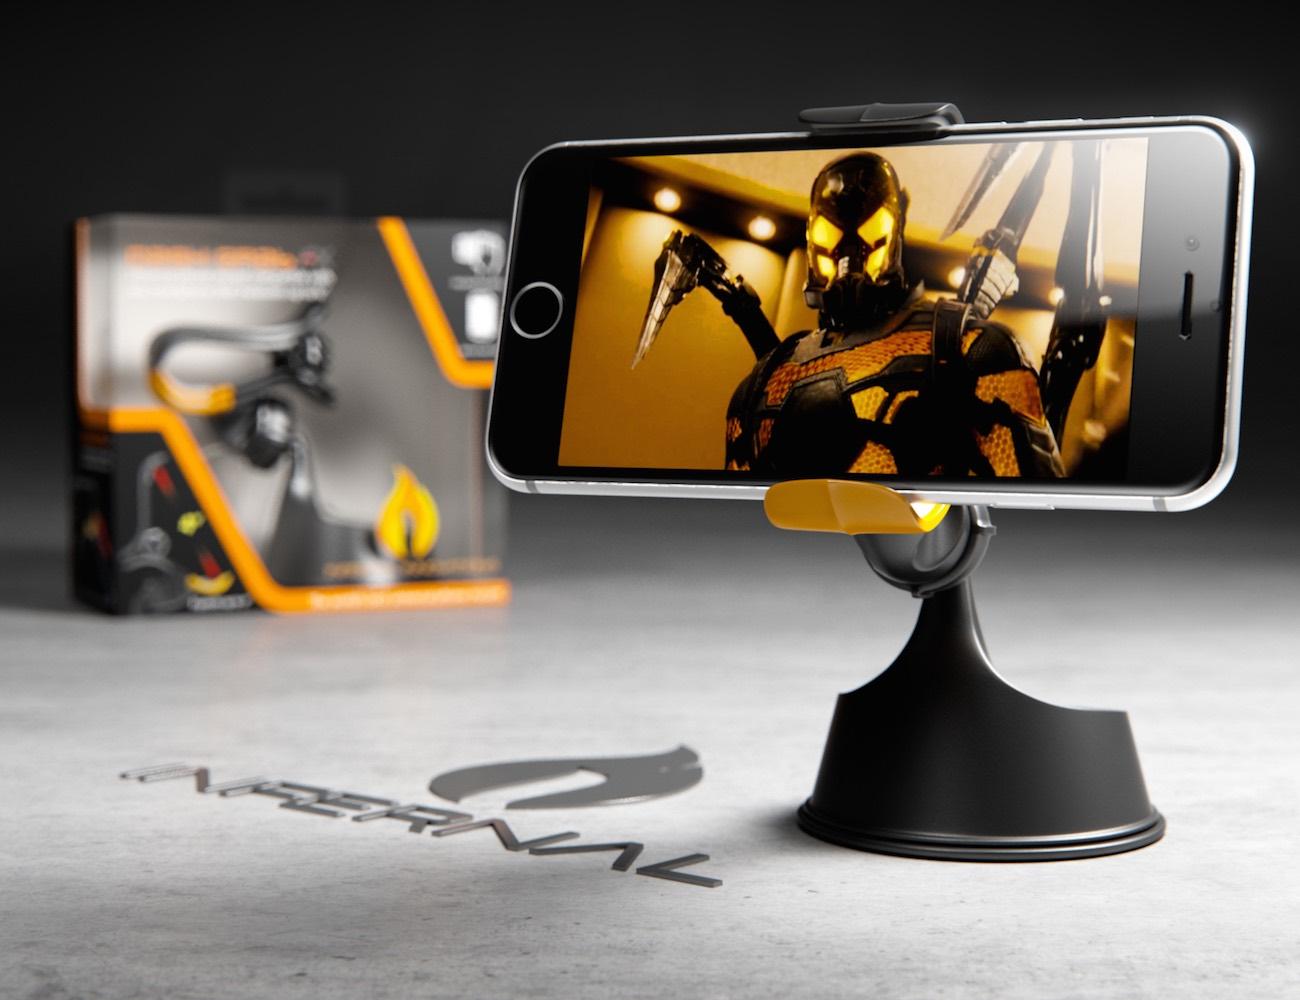 Dash Grab Universal Phone Mount